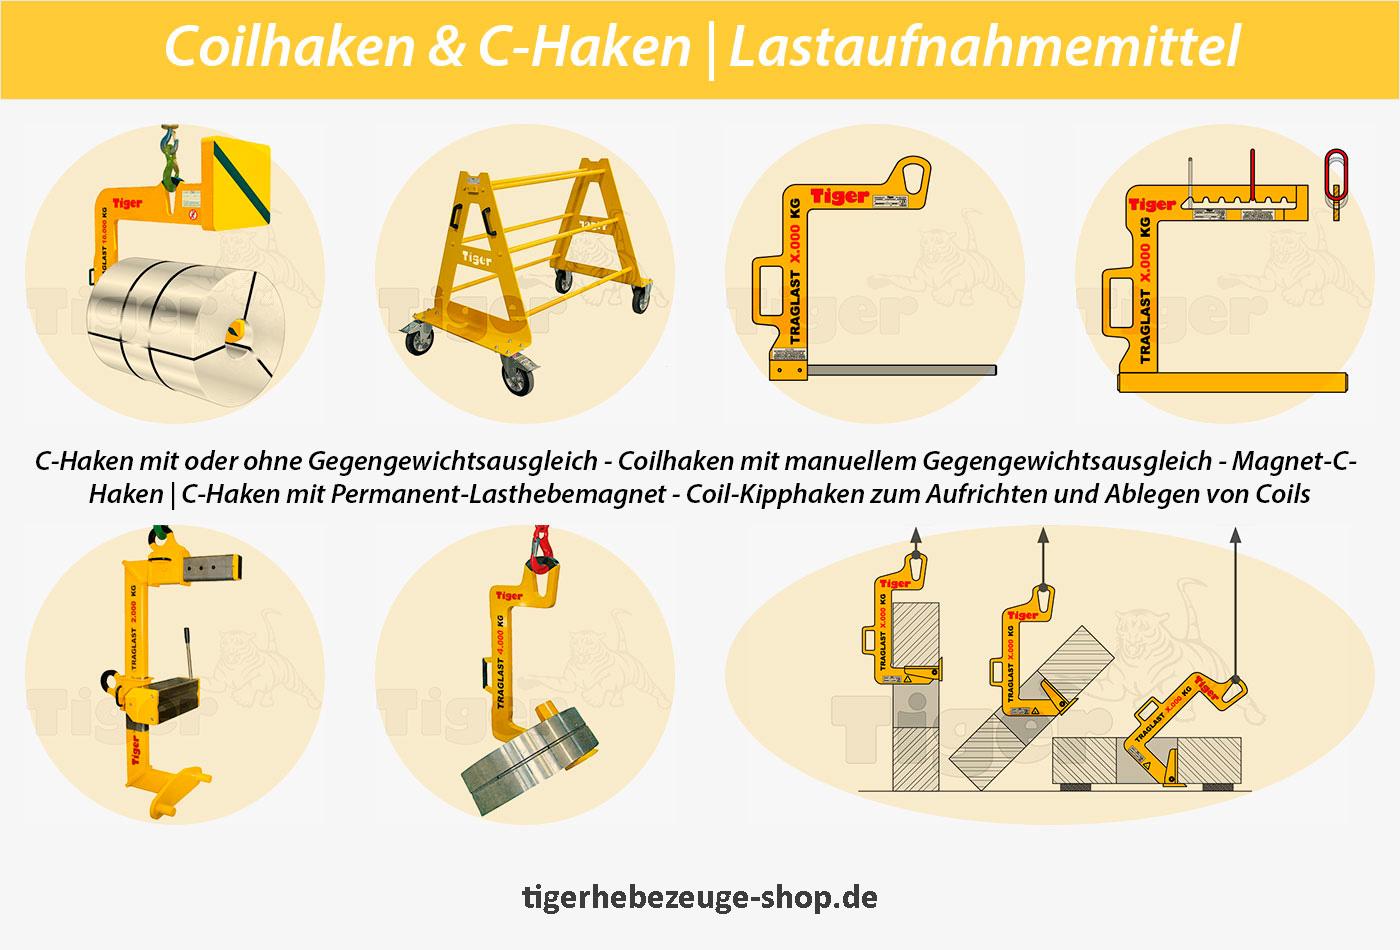 C-Haken & Coilhaken